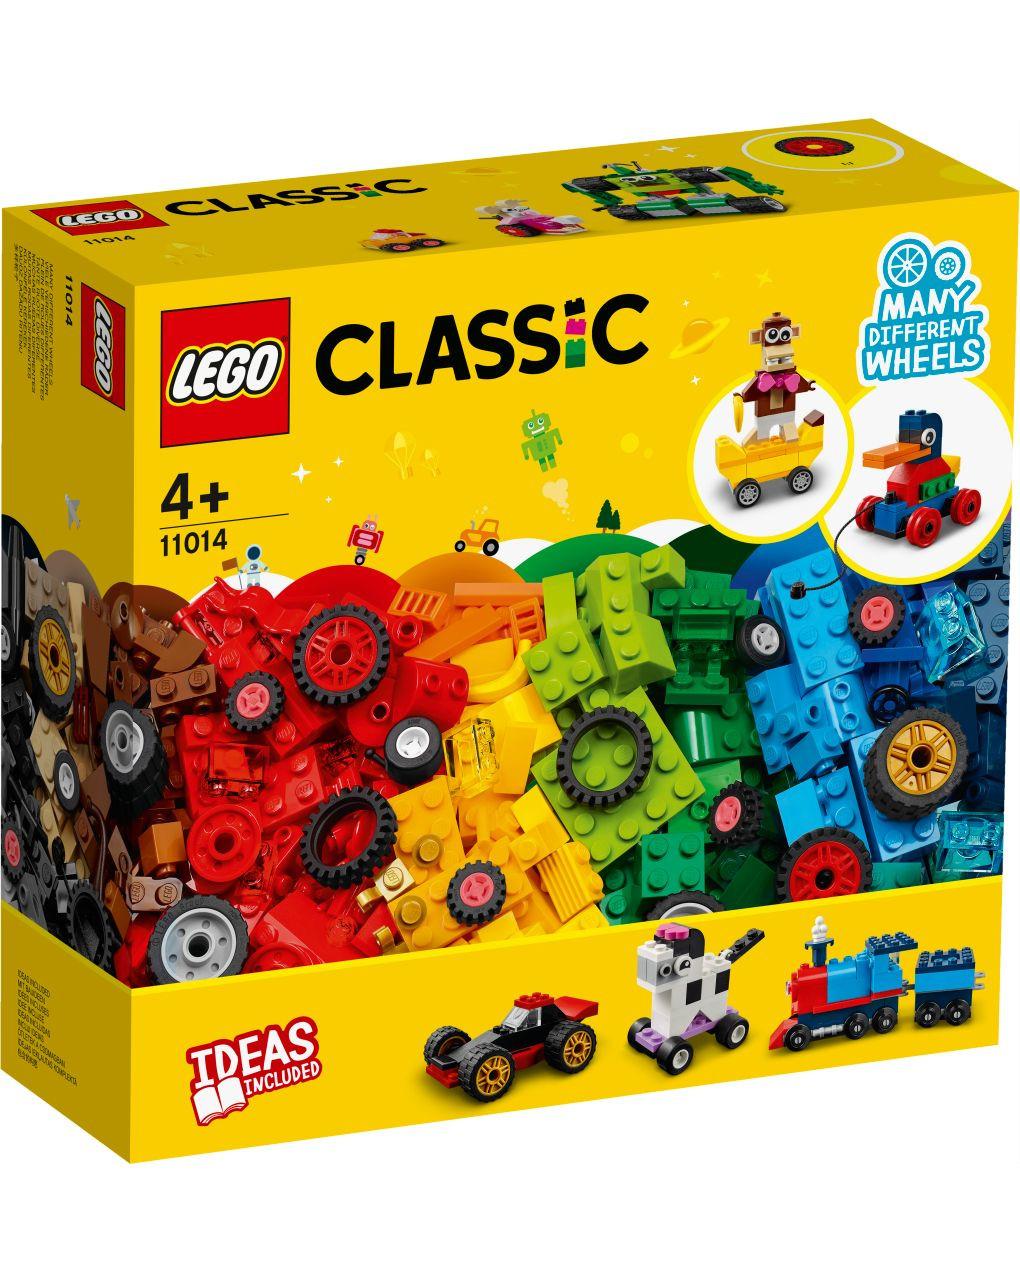 Lego classic - mattoncini e ruote - 11014 - LEGO